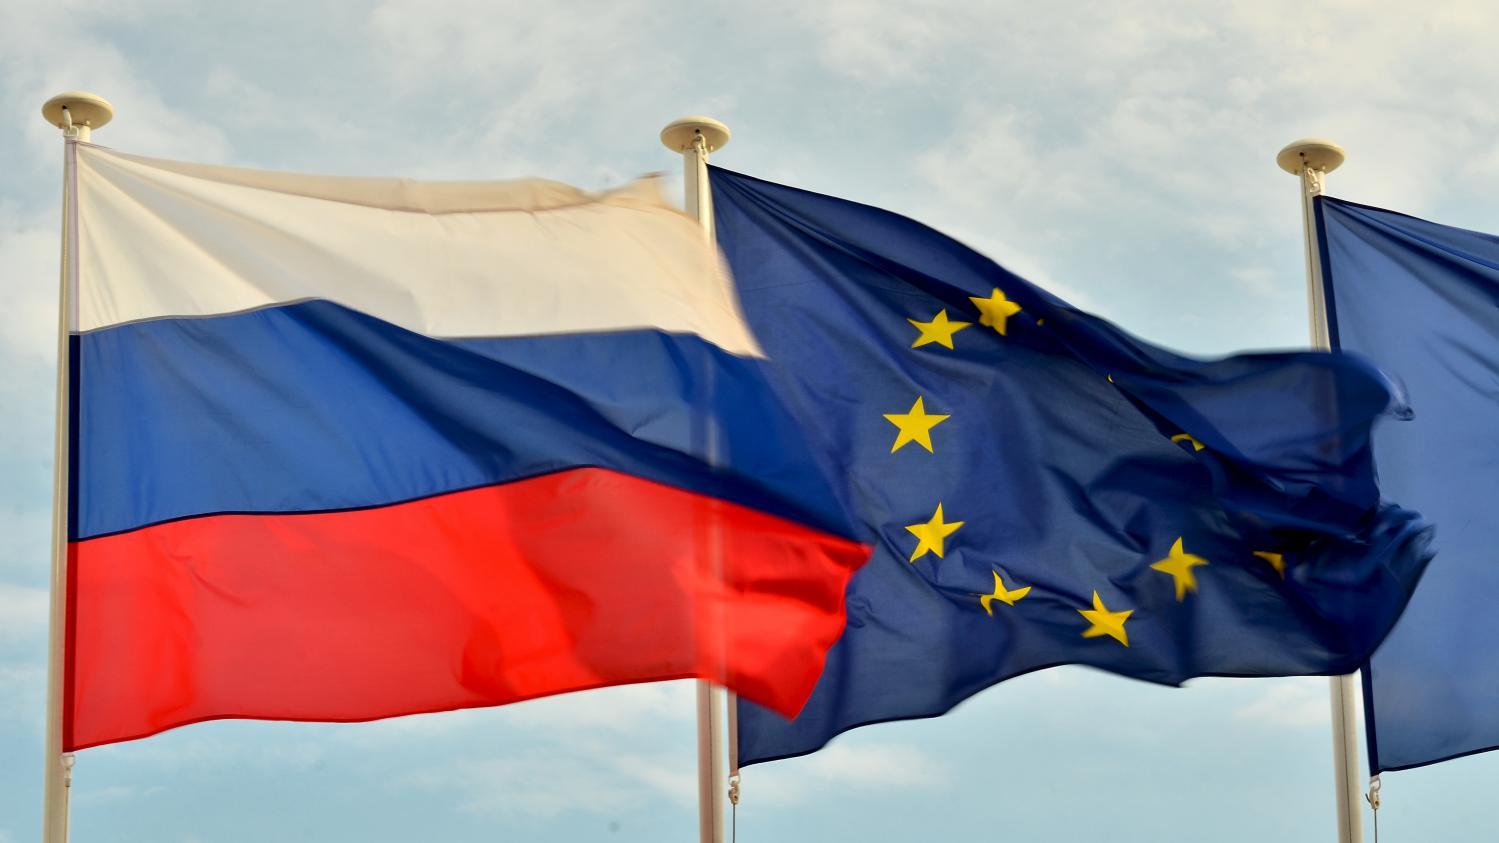 LUnion europenne prise de court par les sanctions